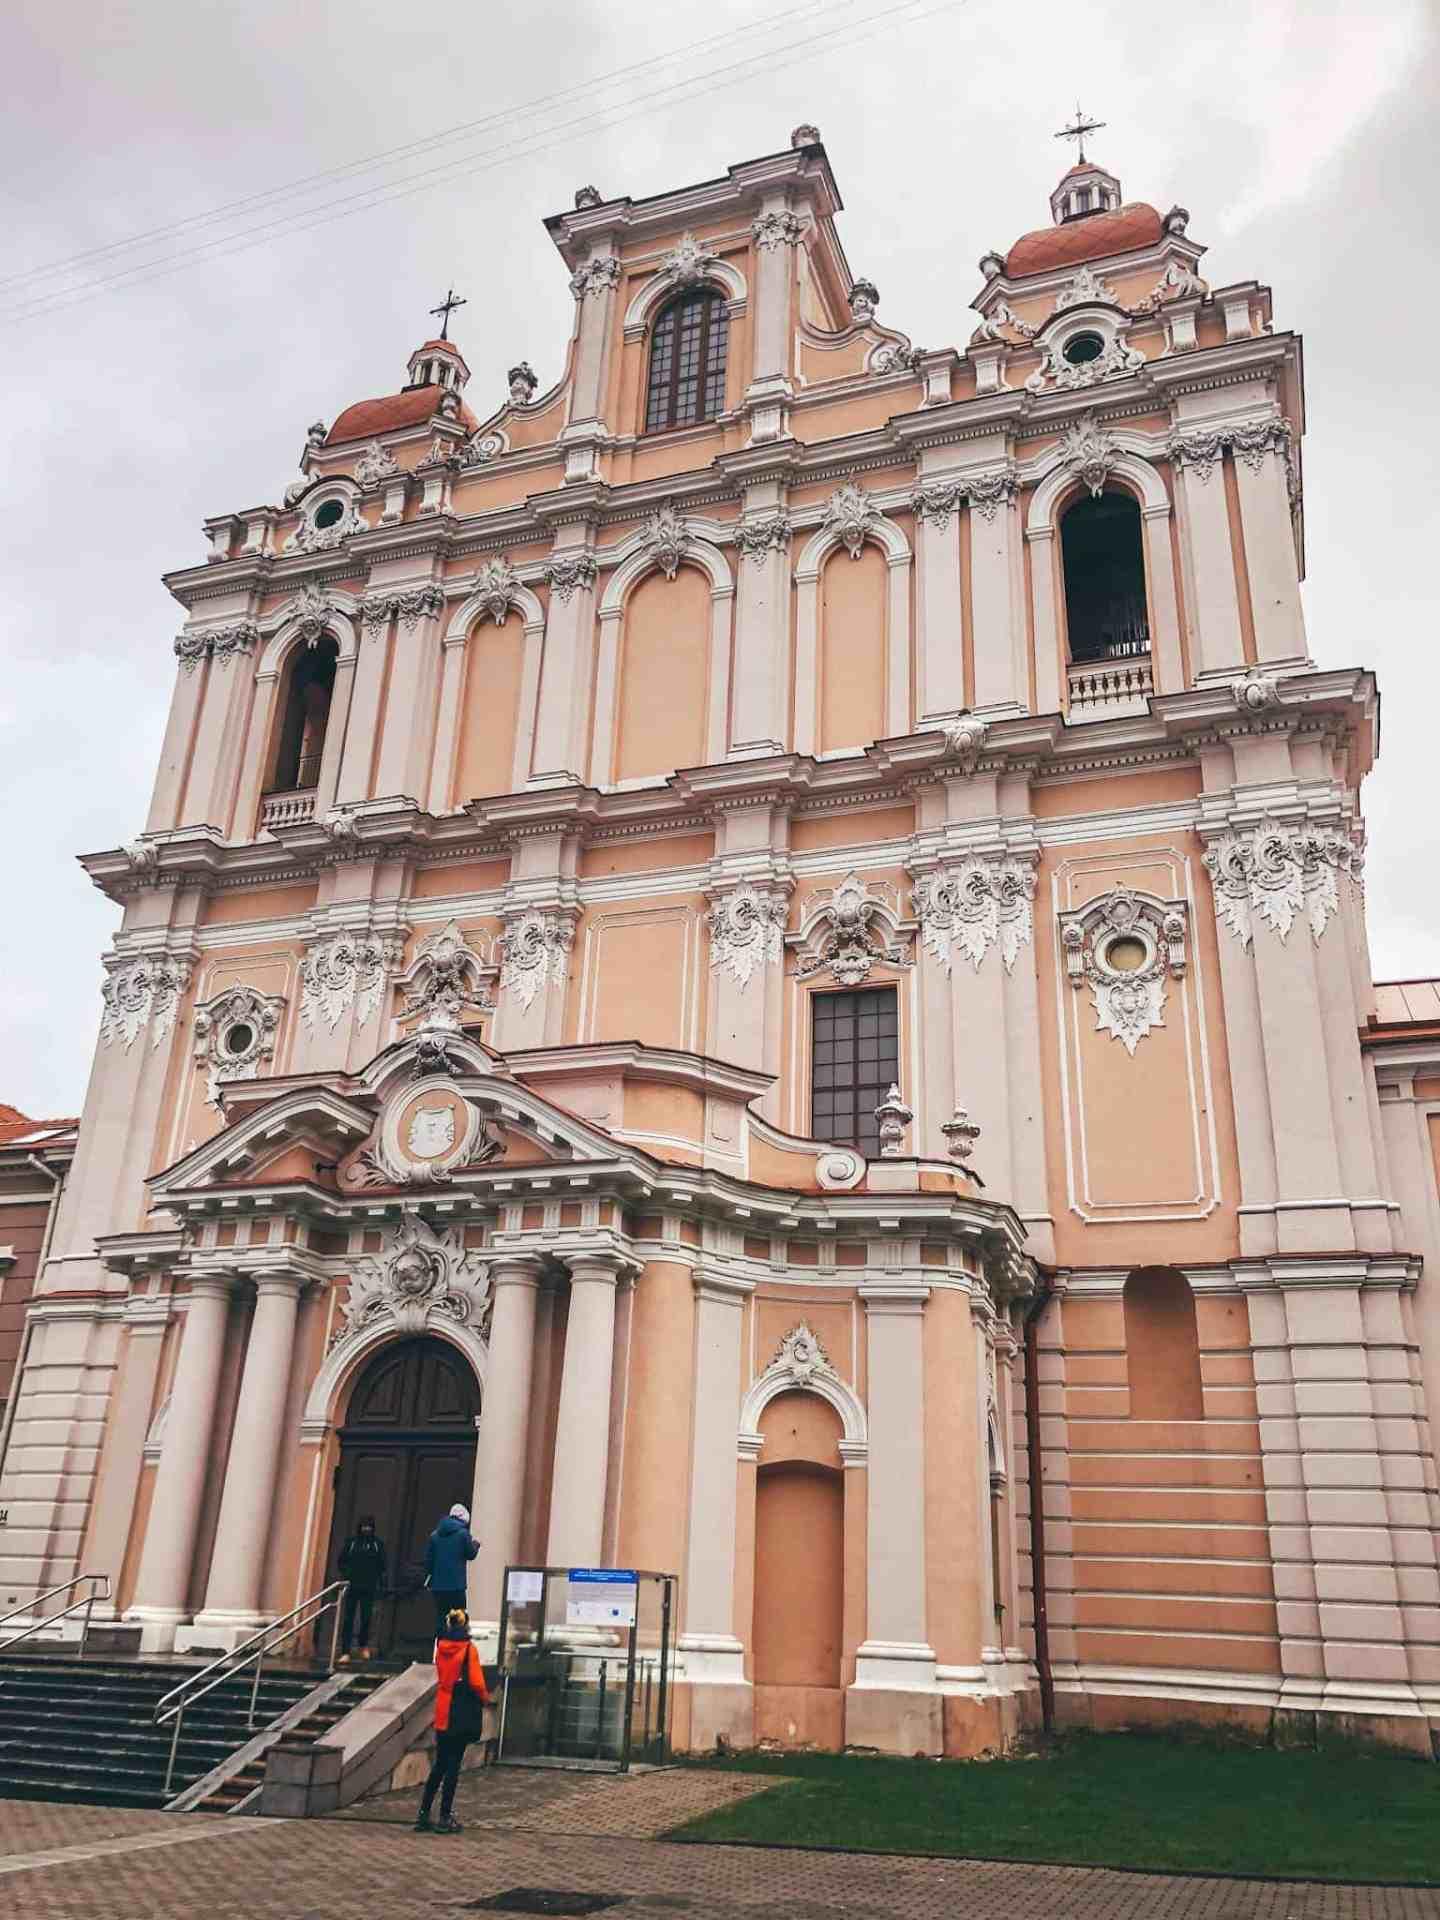 A pink church